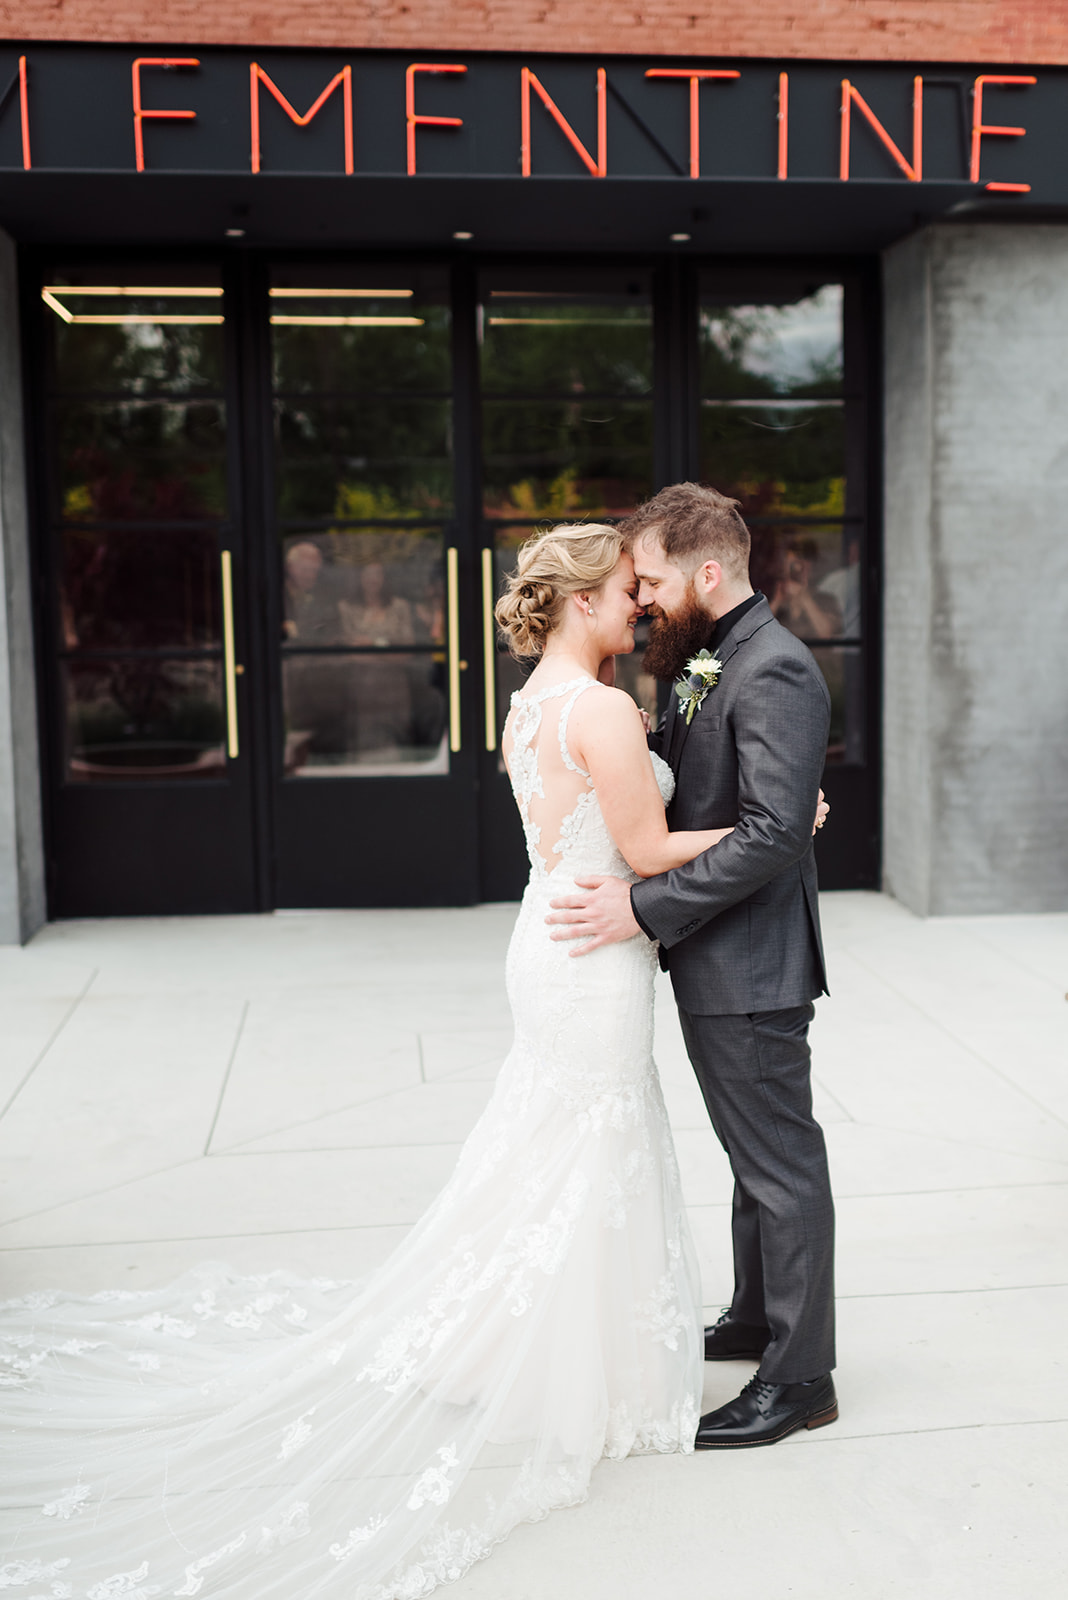 Wedding portrait: Nashville wedding at Clementine featured on Nashville Bride Guide